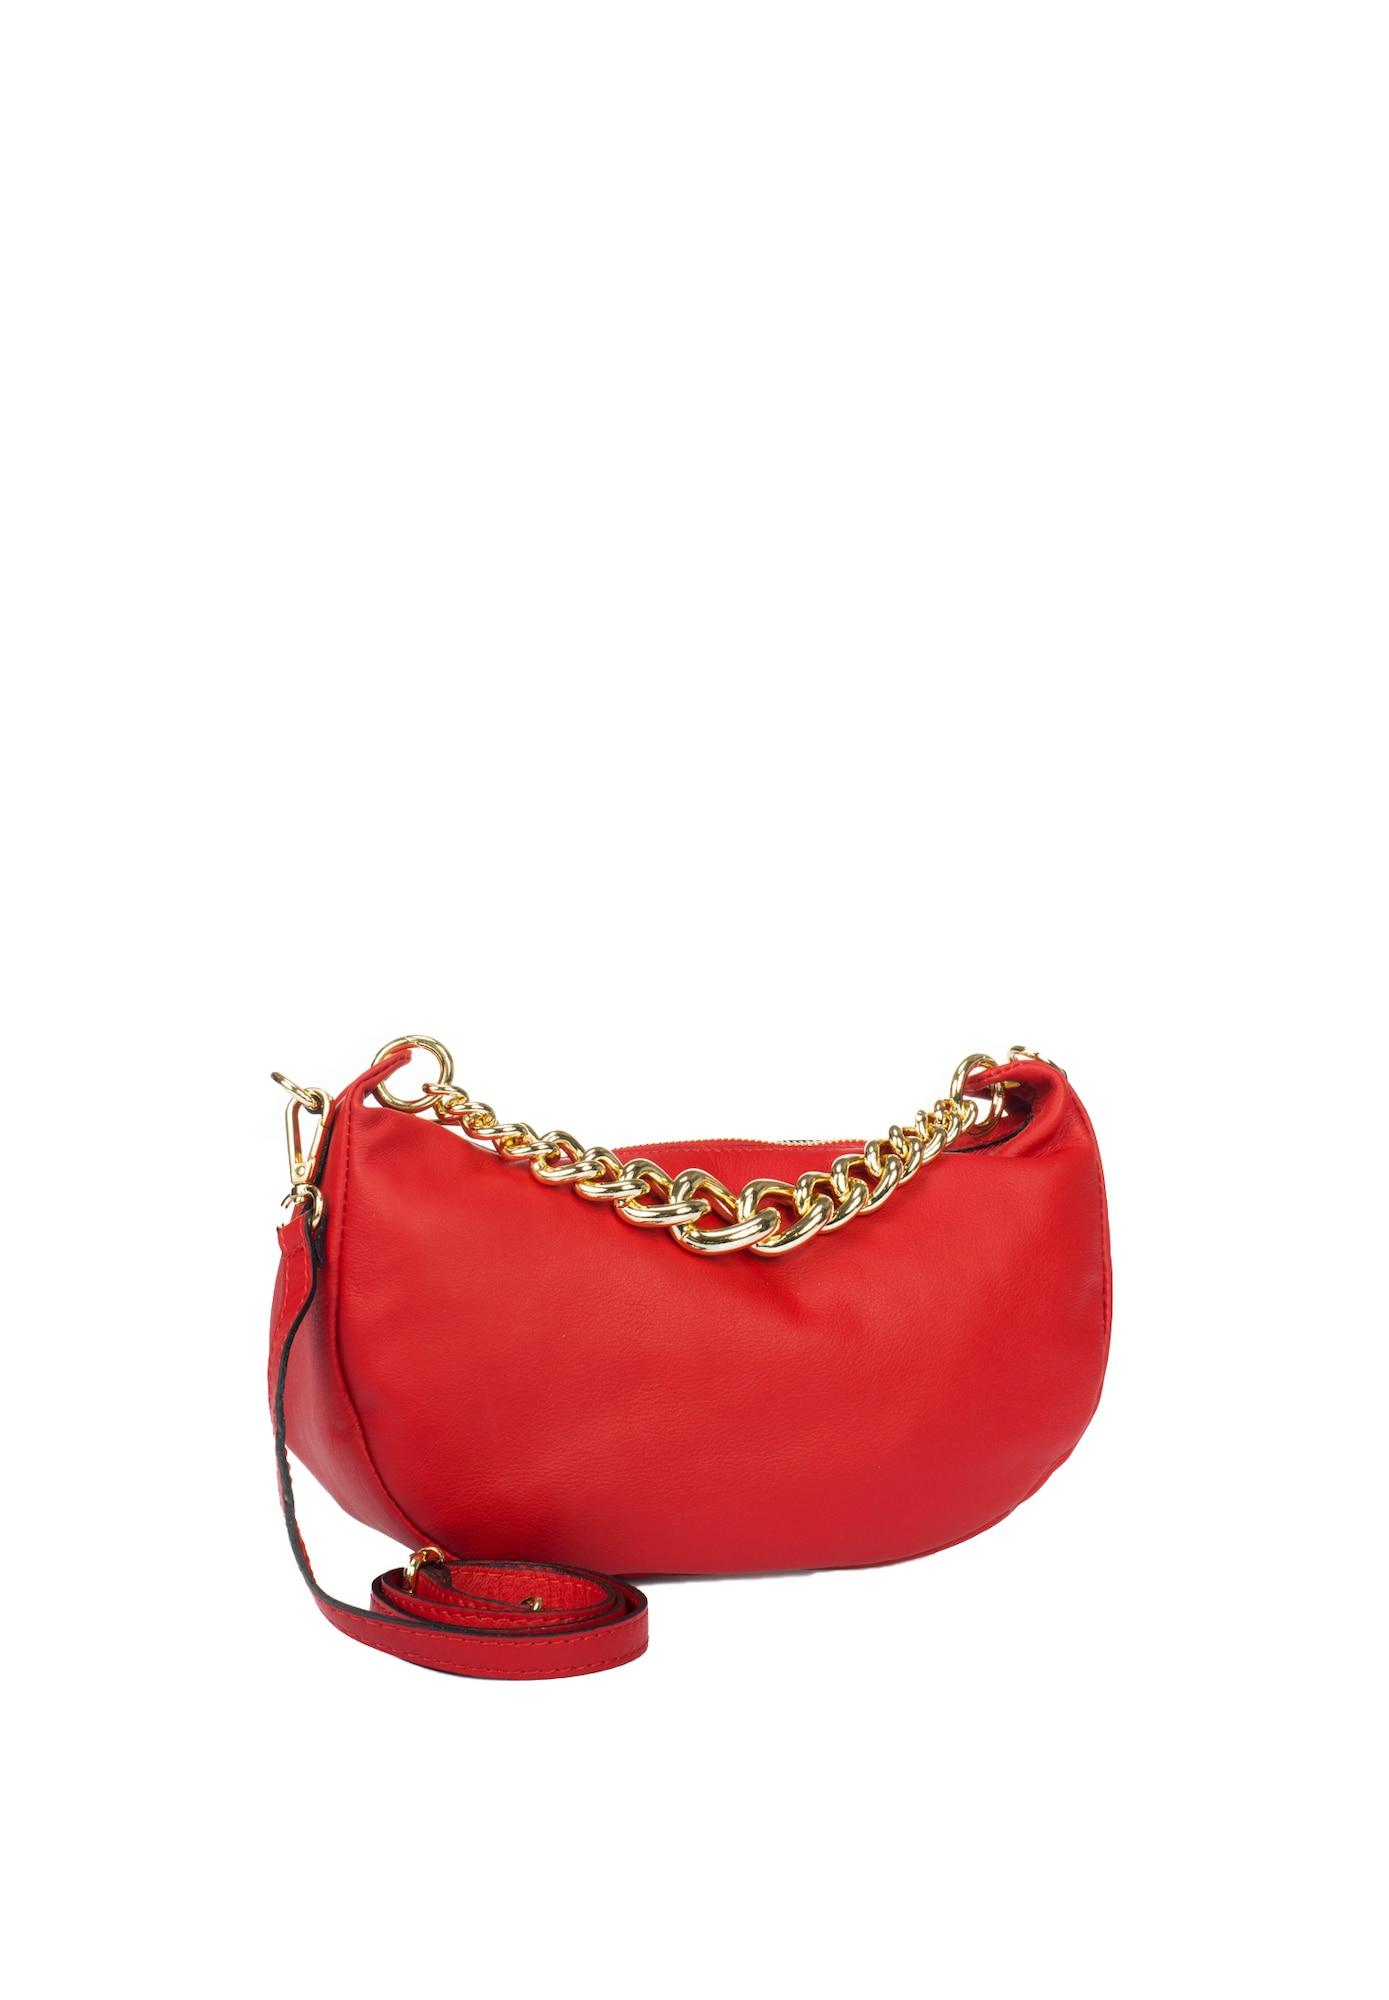 Abendtasche | Taschen > Handtaschen > Abendtaschen | Gold - Rot | Faina